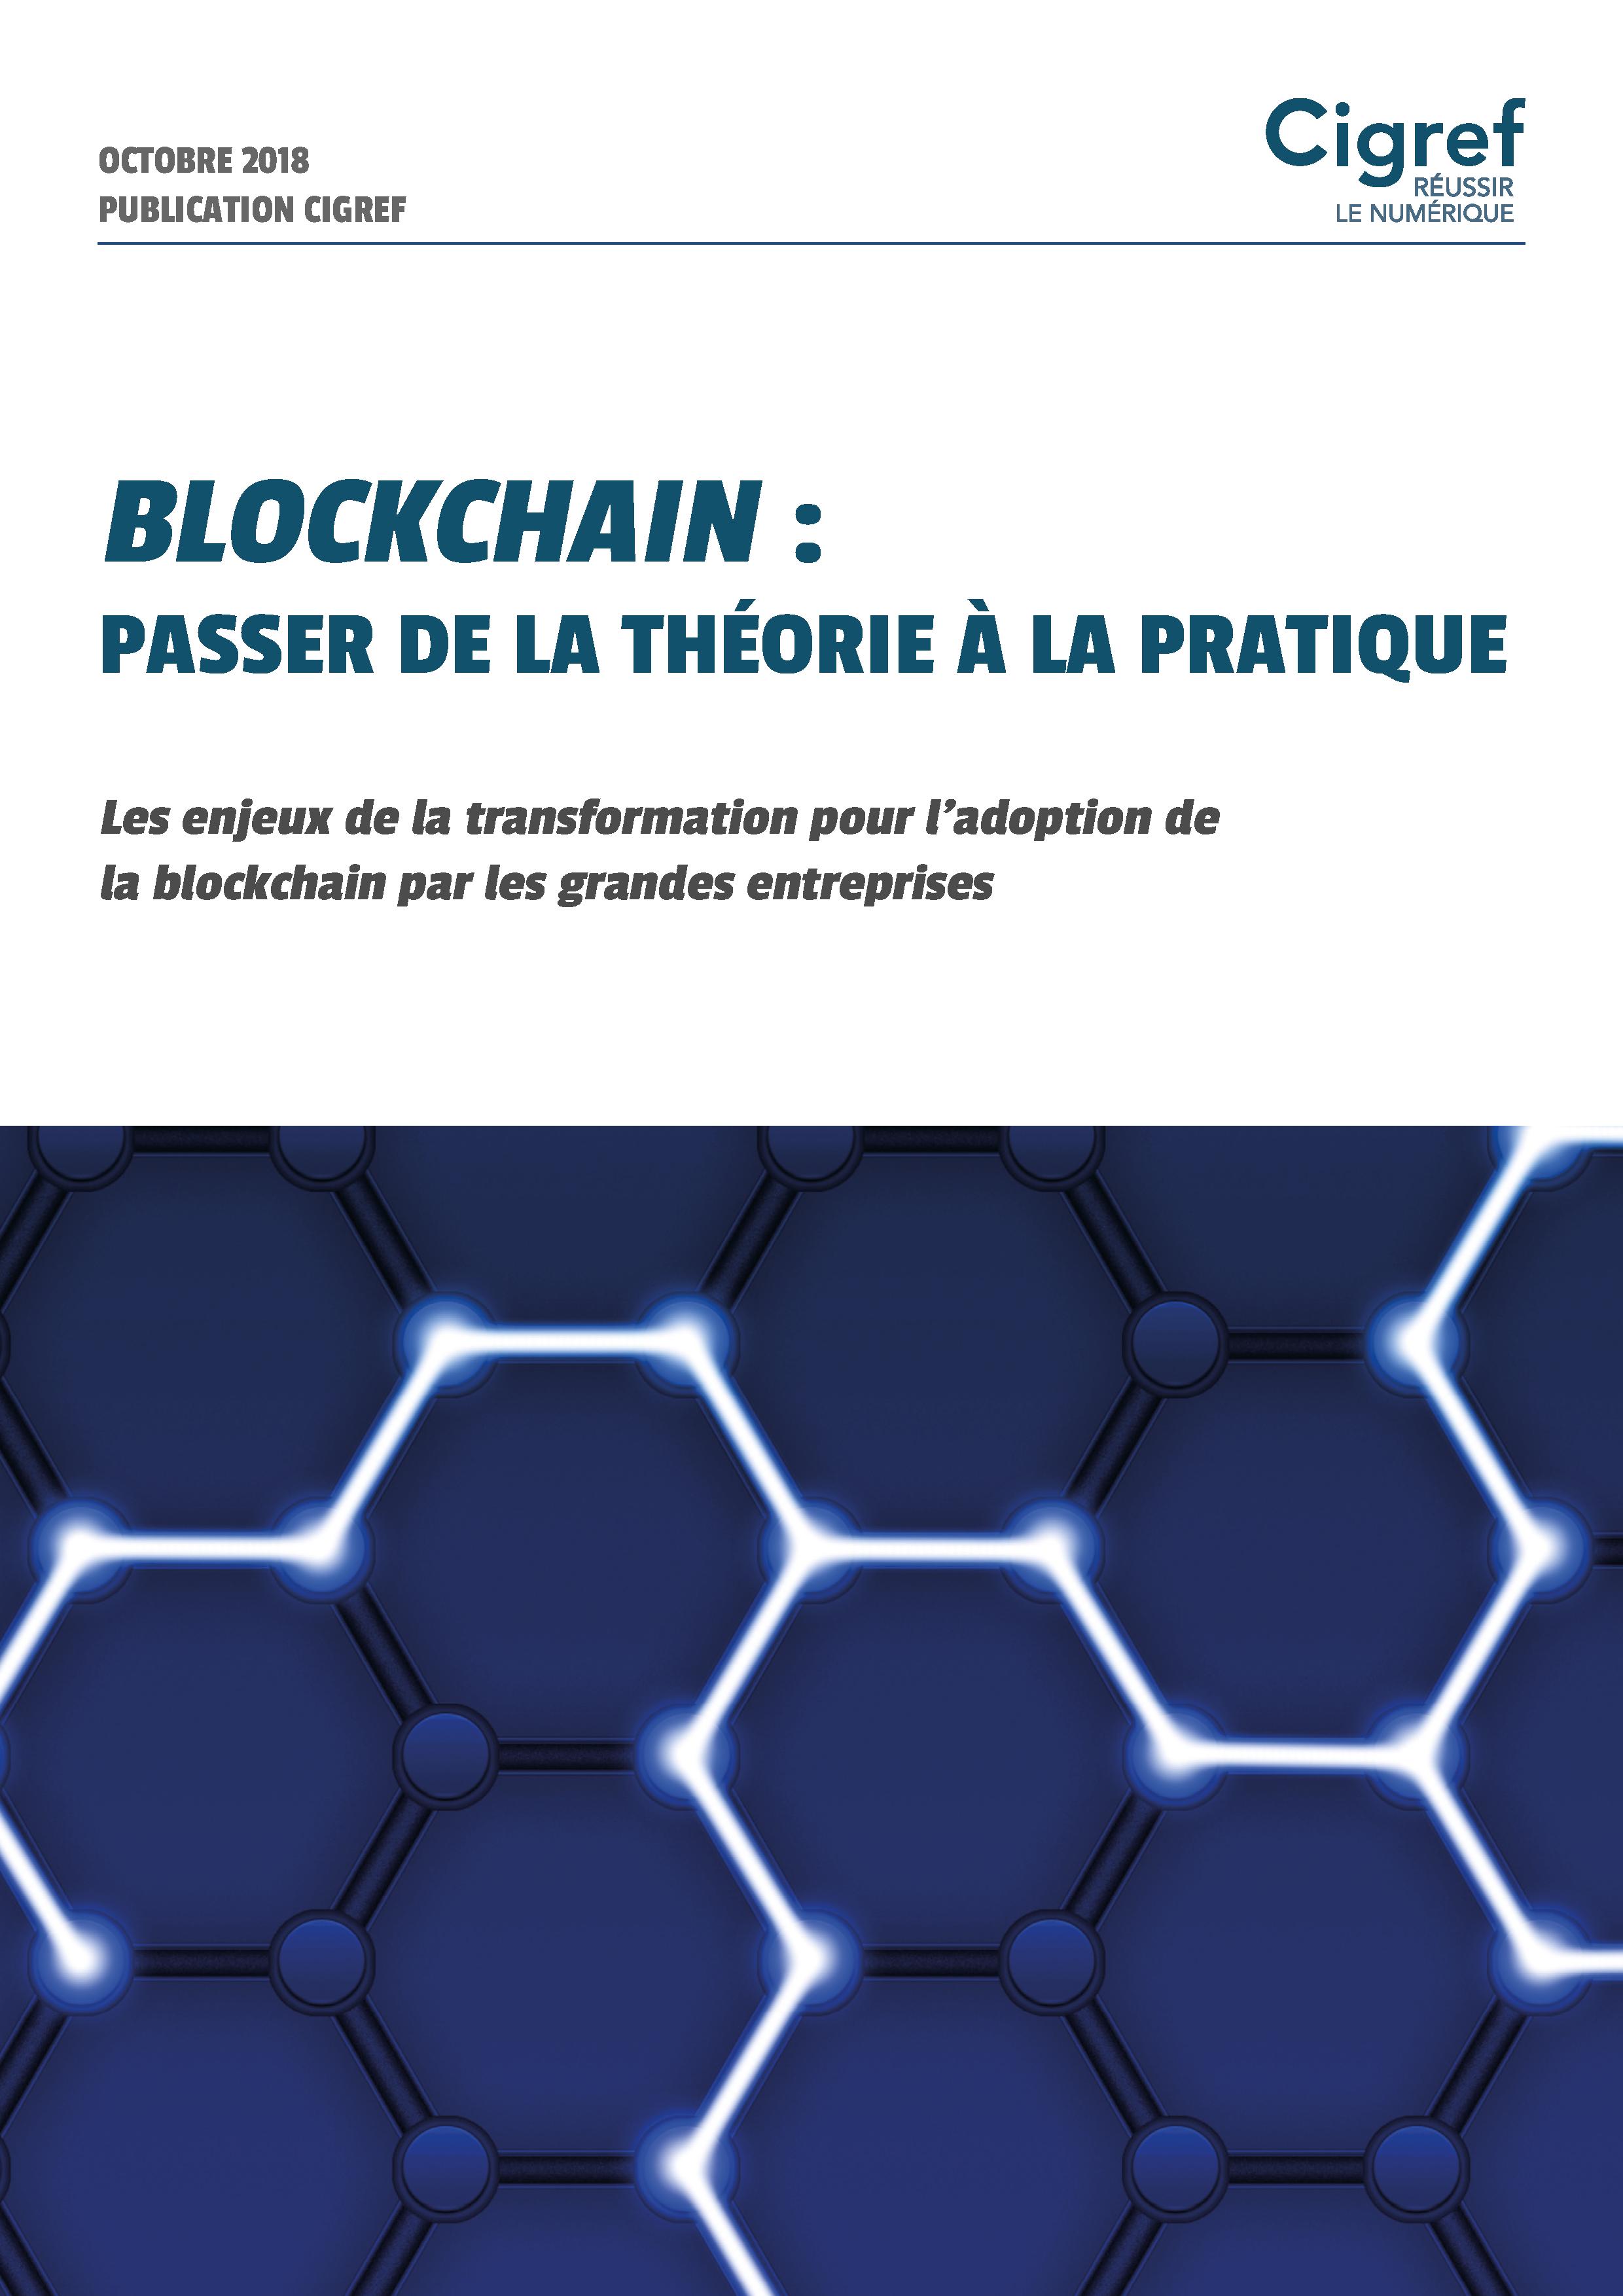 Publication Cigref : Blockchain - passer de la théorie à la pratique